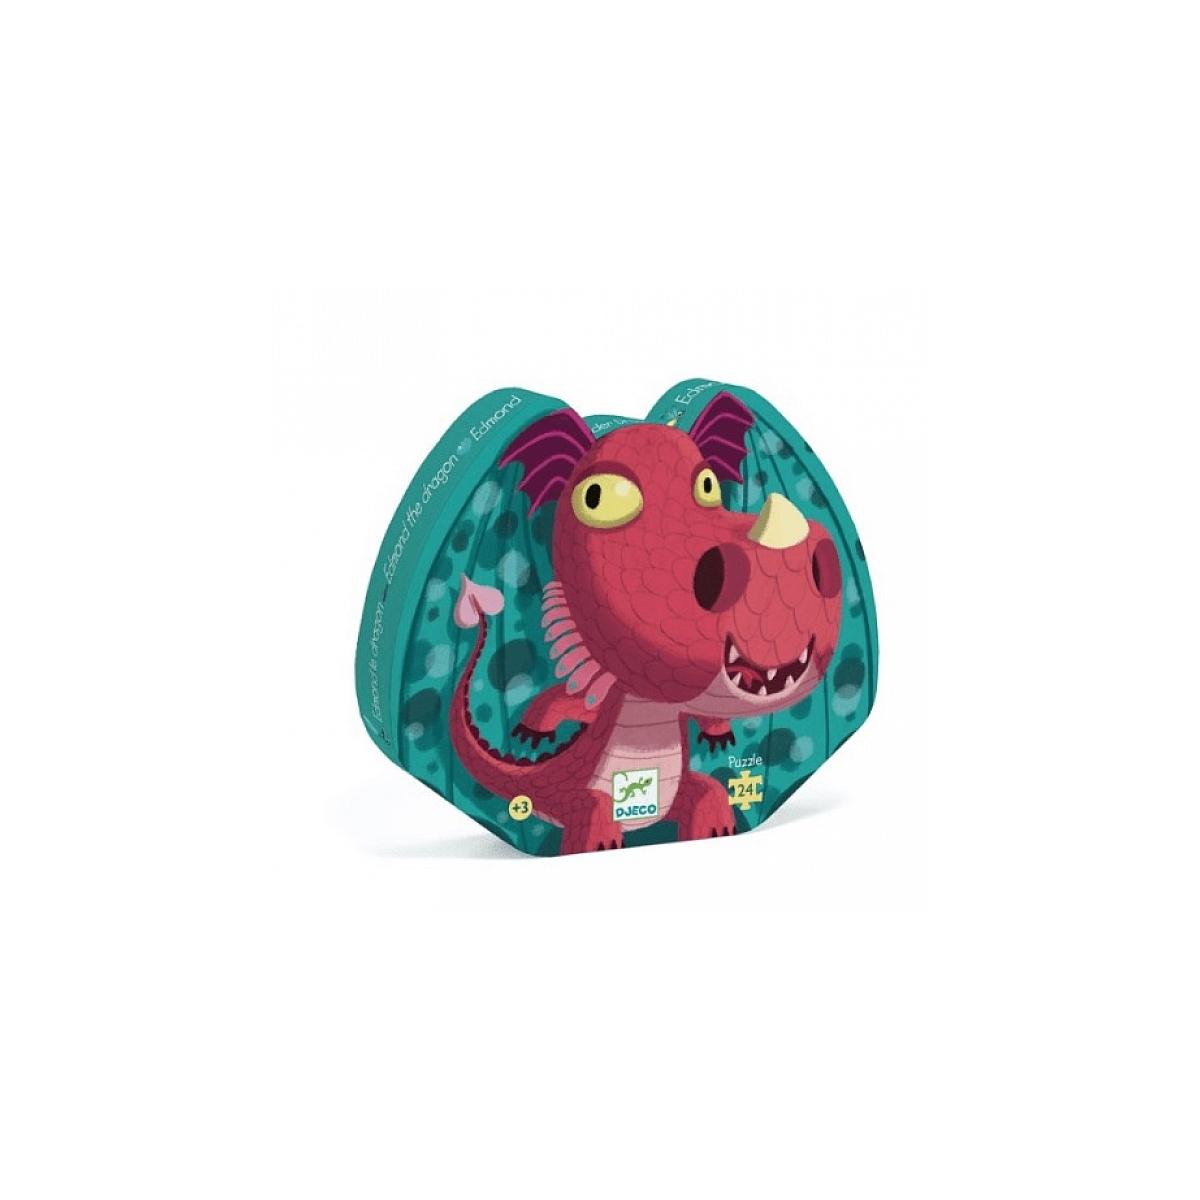 Djeco - Puzzle Edmond le dragon 24 pcs